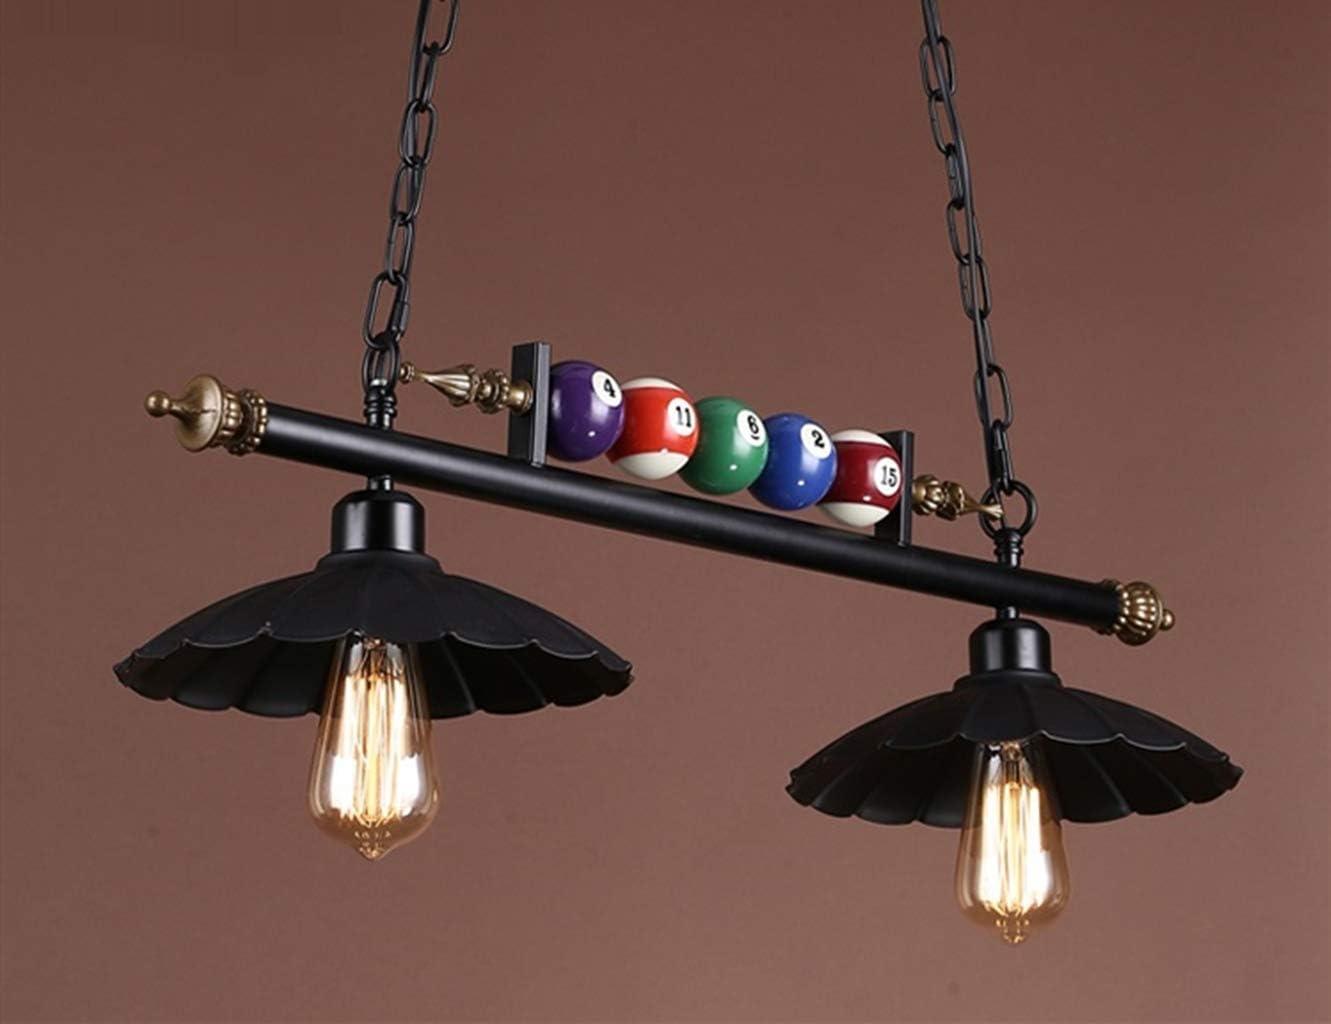 Retro 1/2/3 billares colgante salas de exposiciones araña de luz ...